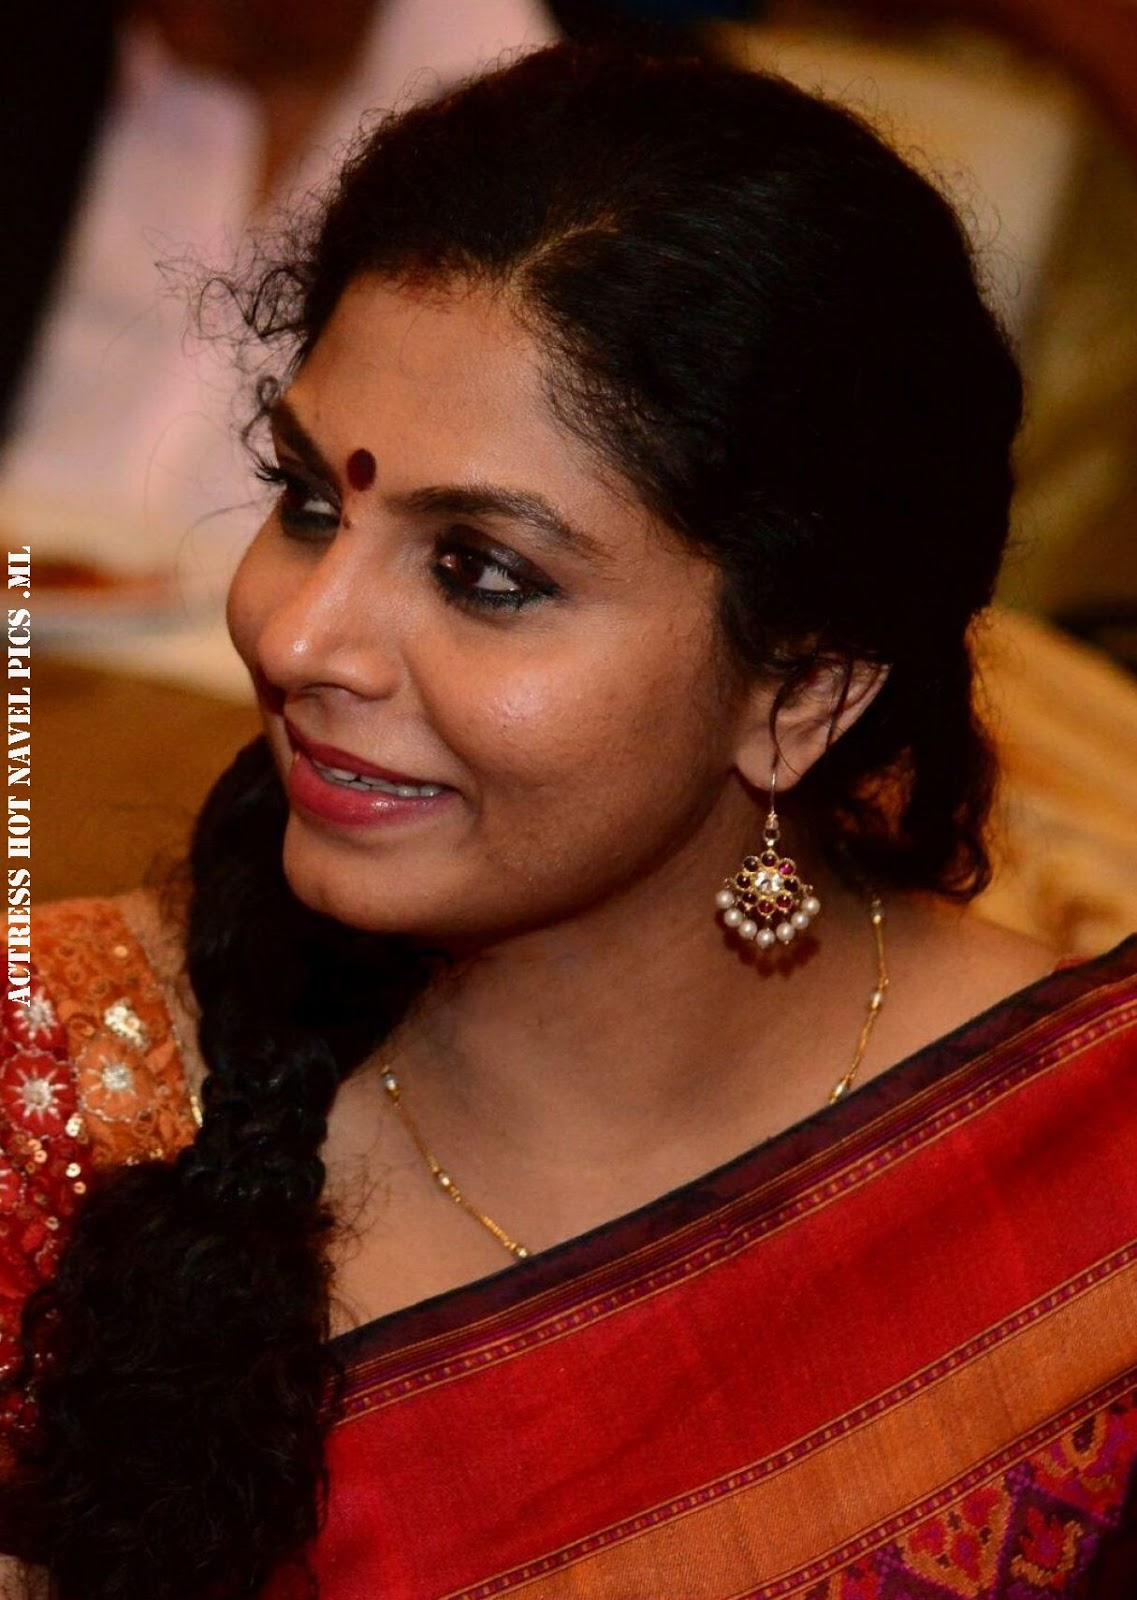 Malayalam Actress Asha Sarath Hot Close Up Photos